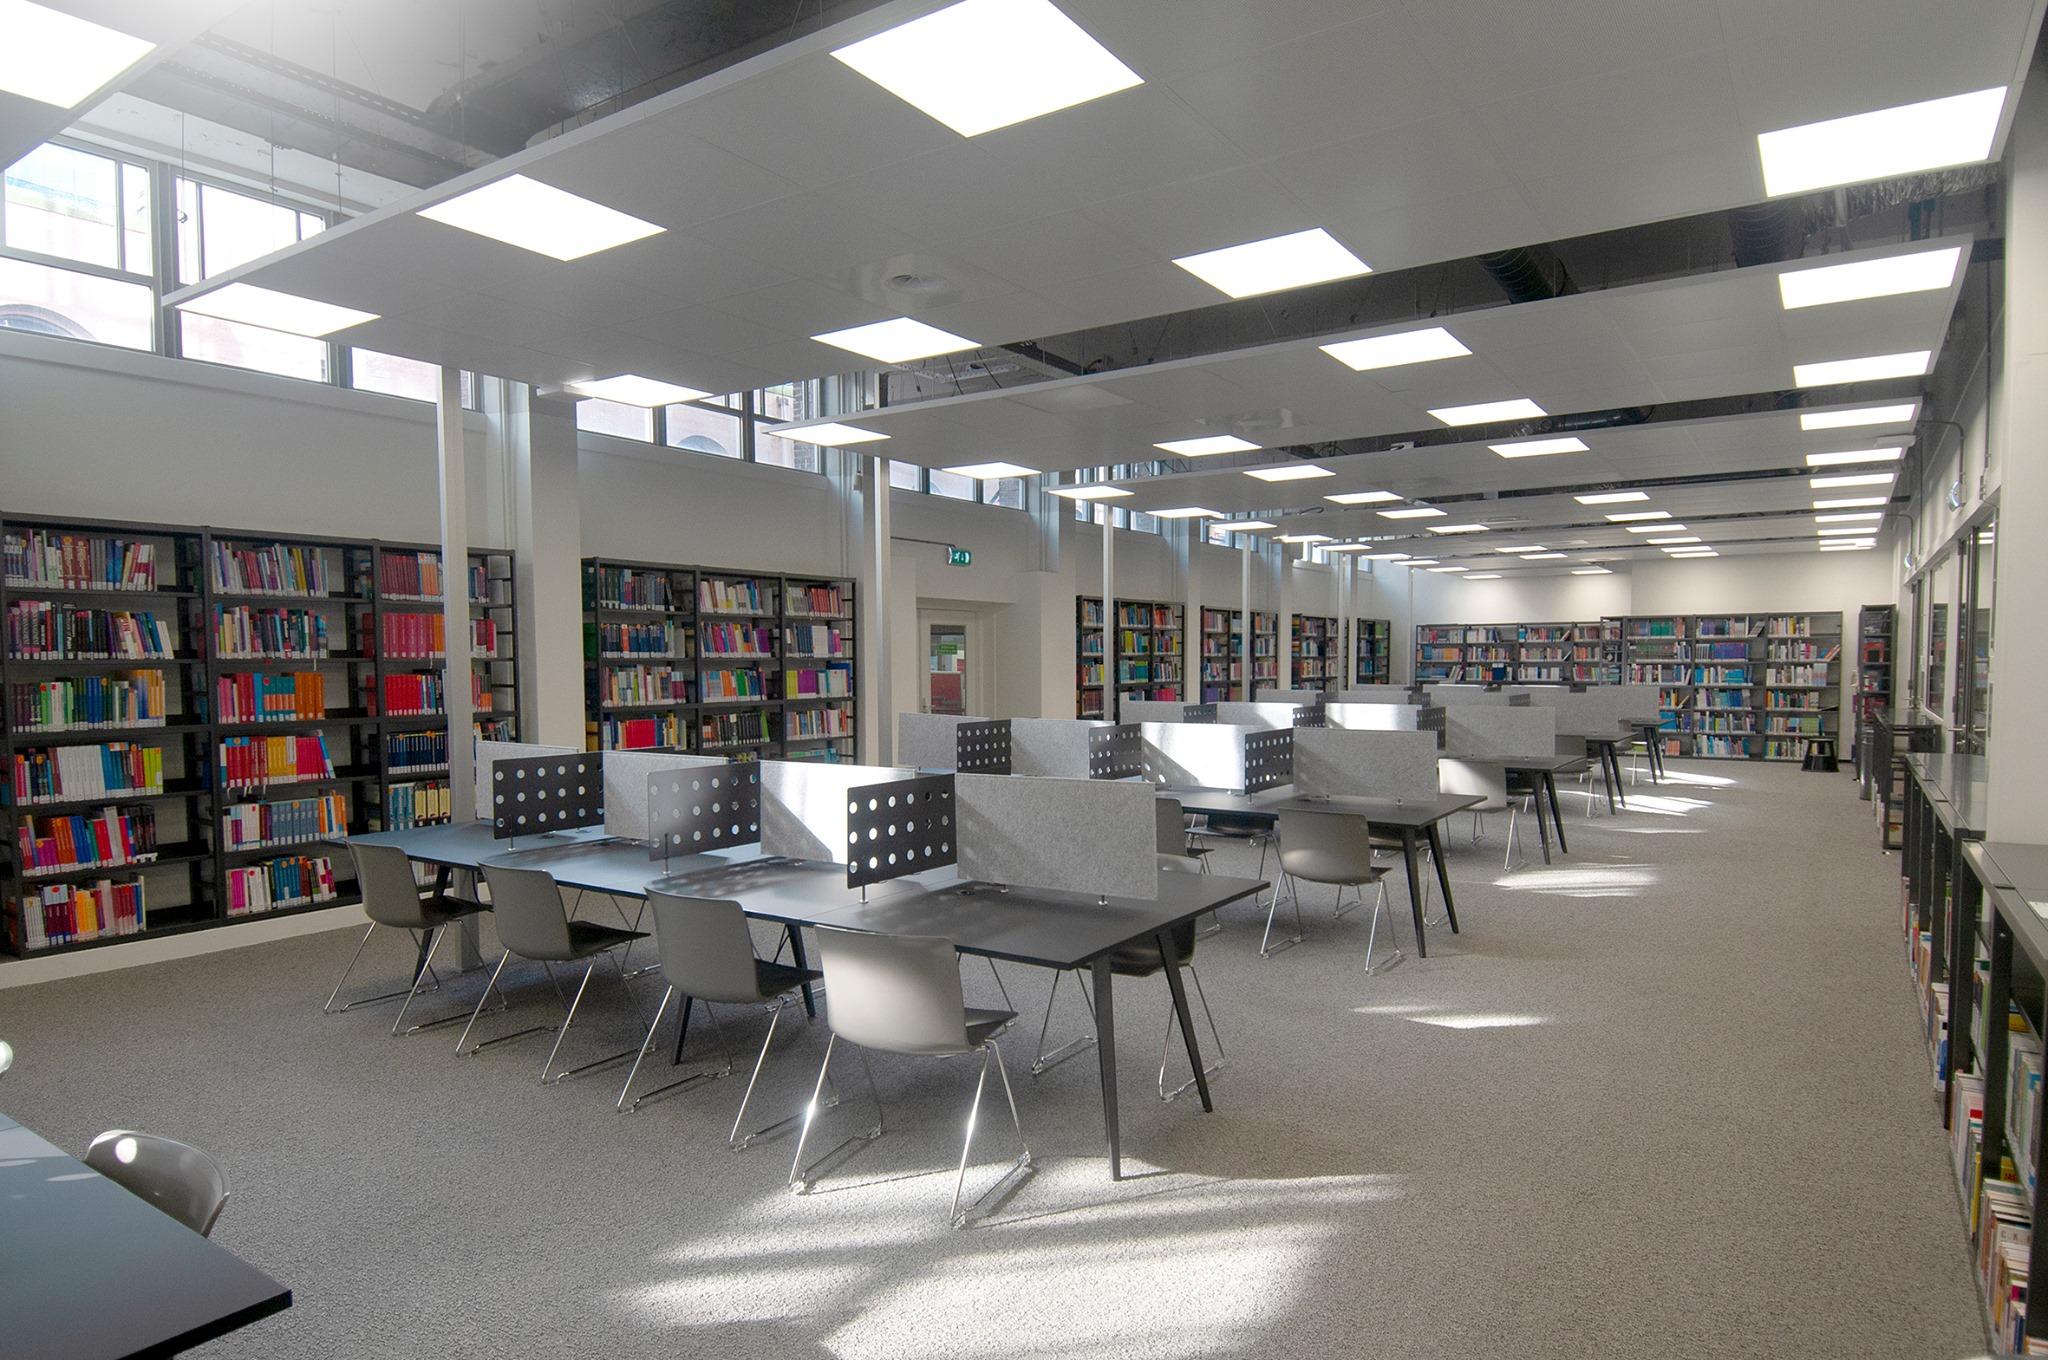 Studenten blij met meer stilteplekken in verbouwde mediatheek Hogeschool Rotterdam